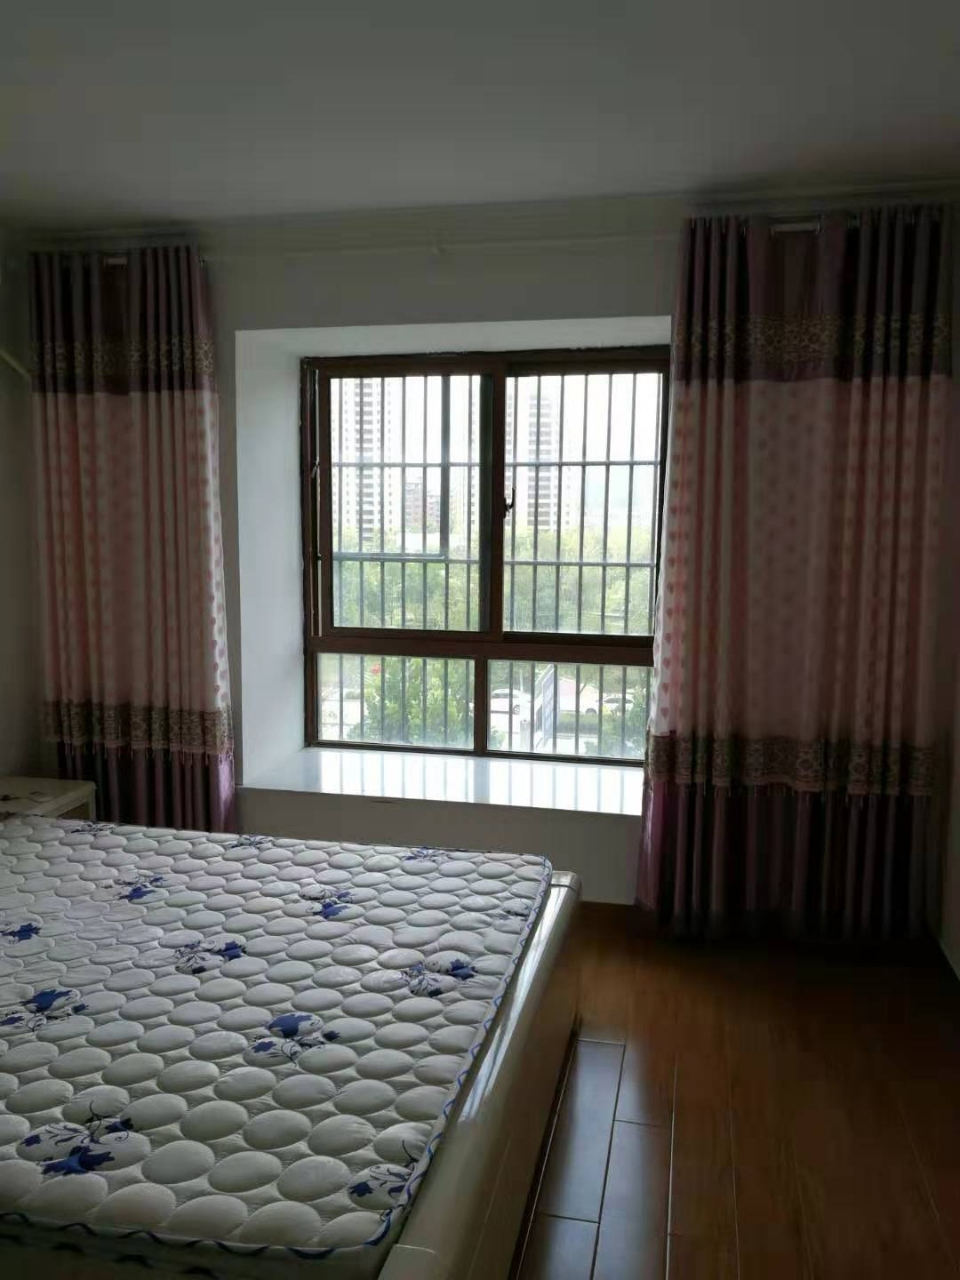 丽阳豪苑3室2厅2卫93万元